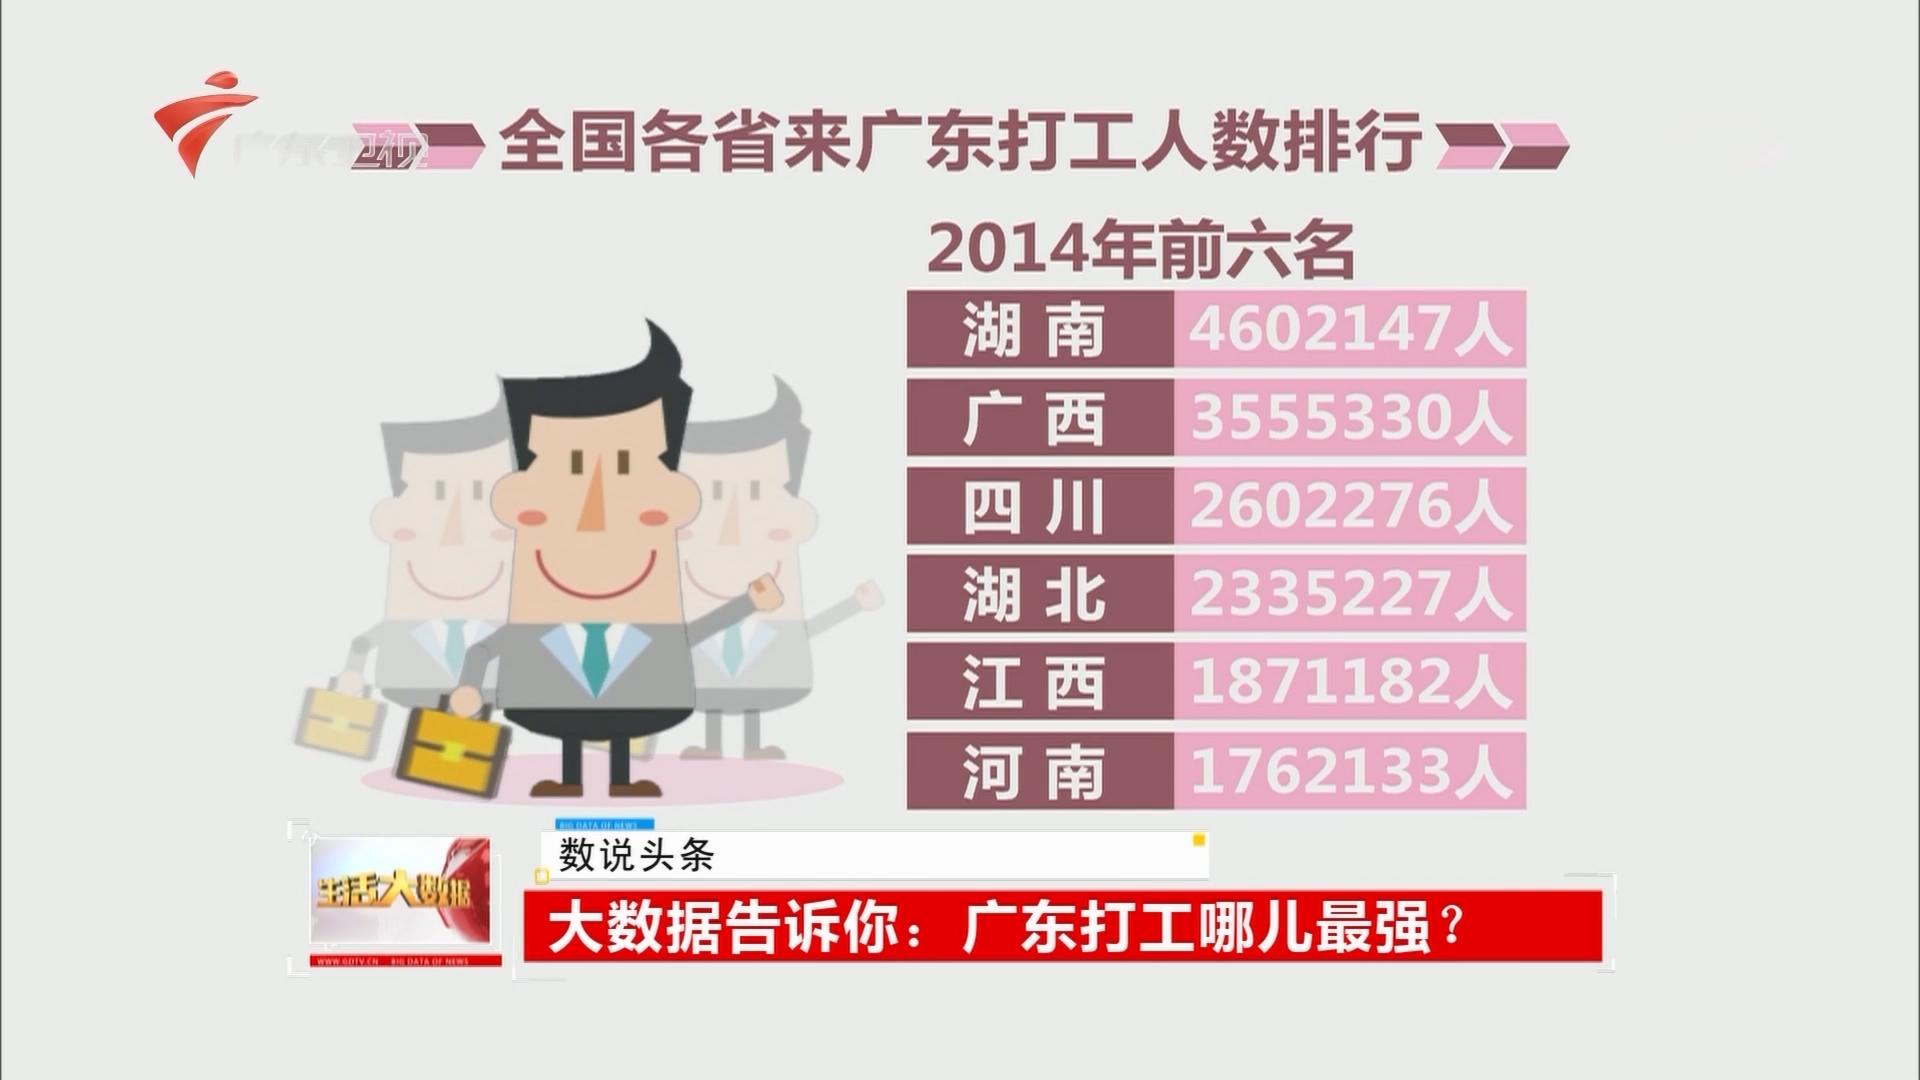 大数据告诉你:广东打工哪儿最强?